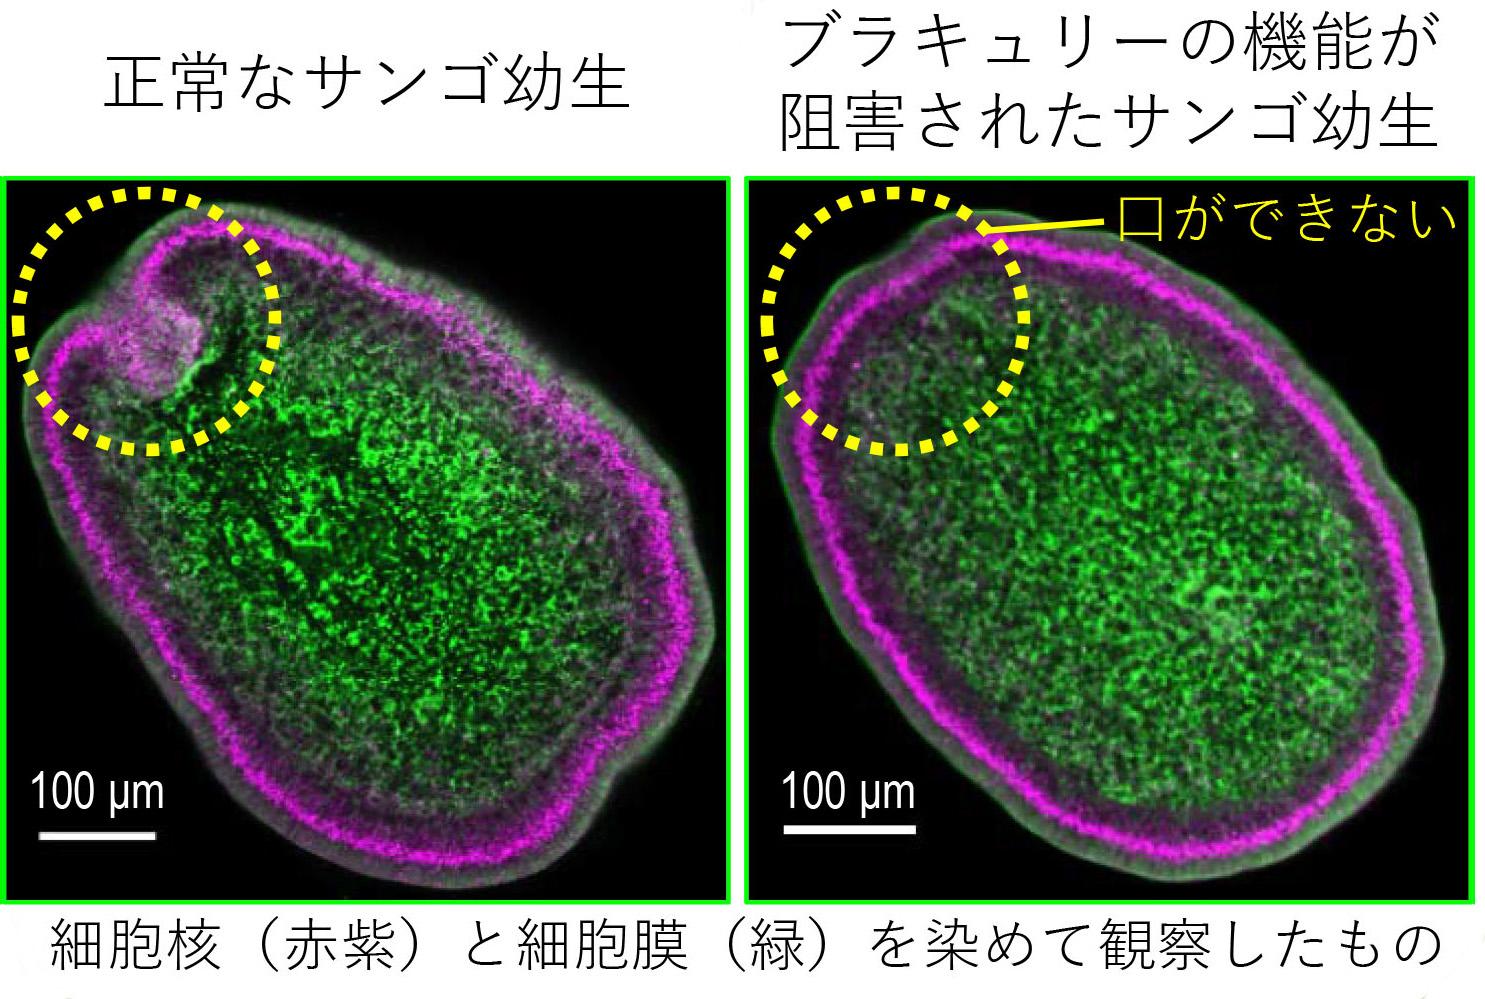 本研究で明らかになったミドリイシサンゴの胚発生におけるブラキュリーの機能